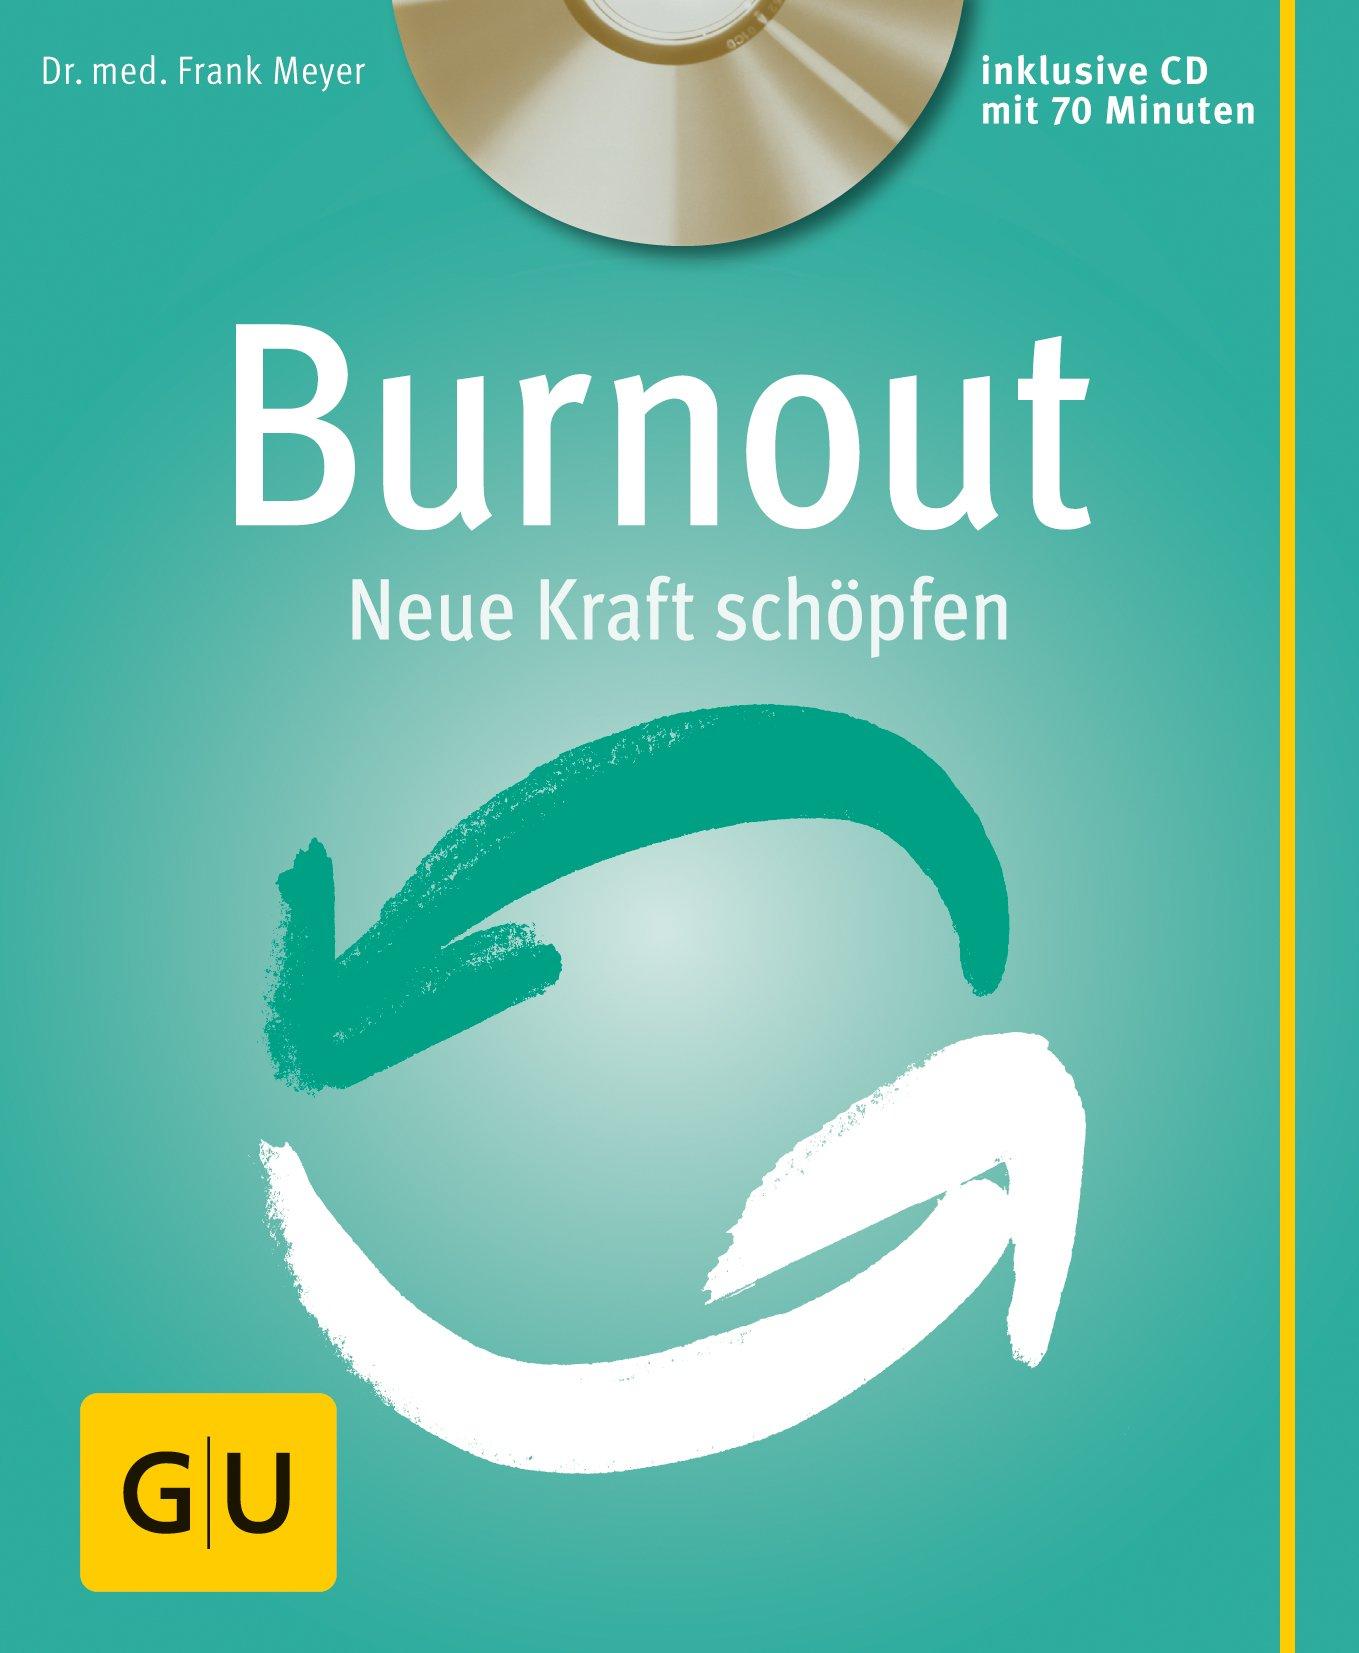 Burnout (mit CD): Neue Kraft schöpfen (GU Multimedia Körper, Geist & Seele)